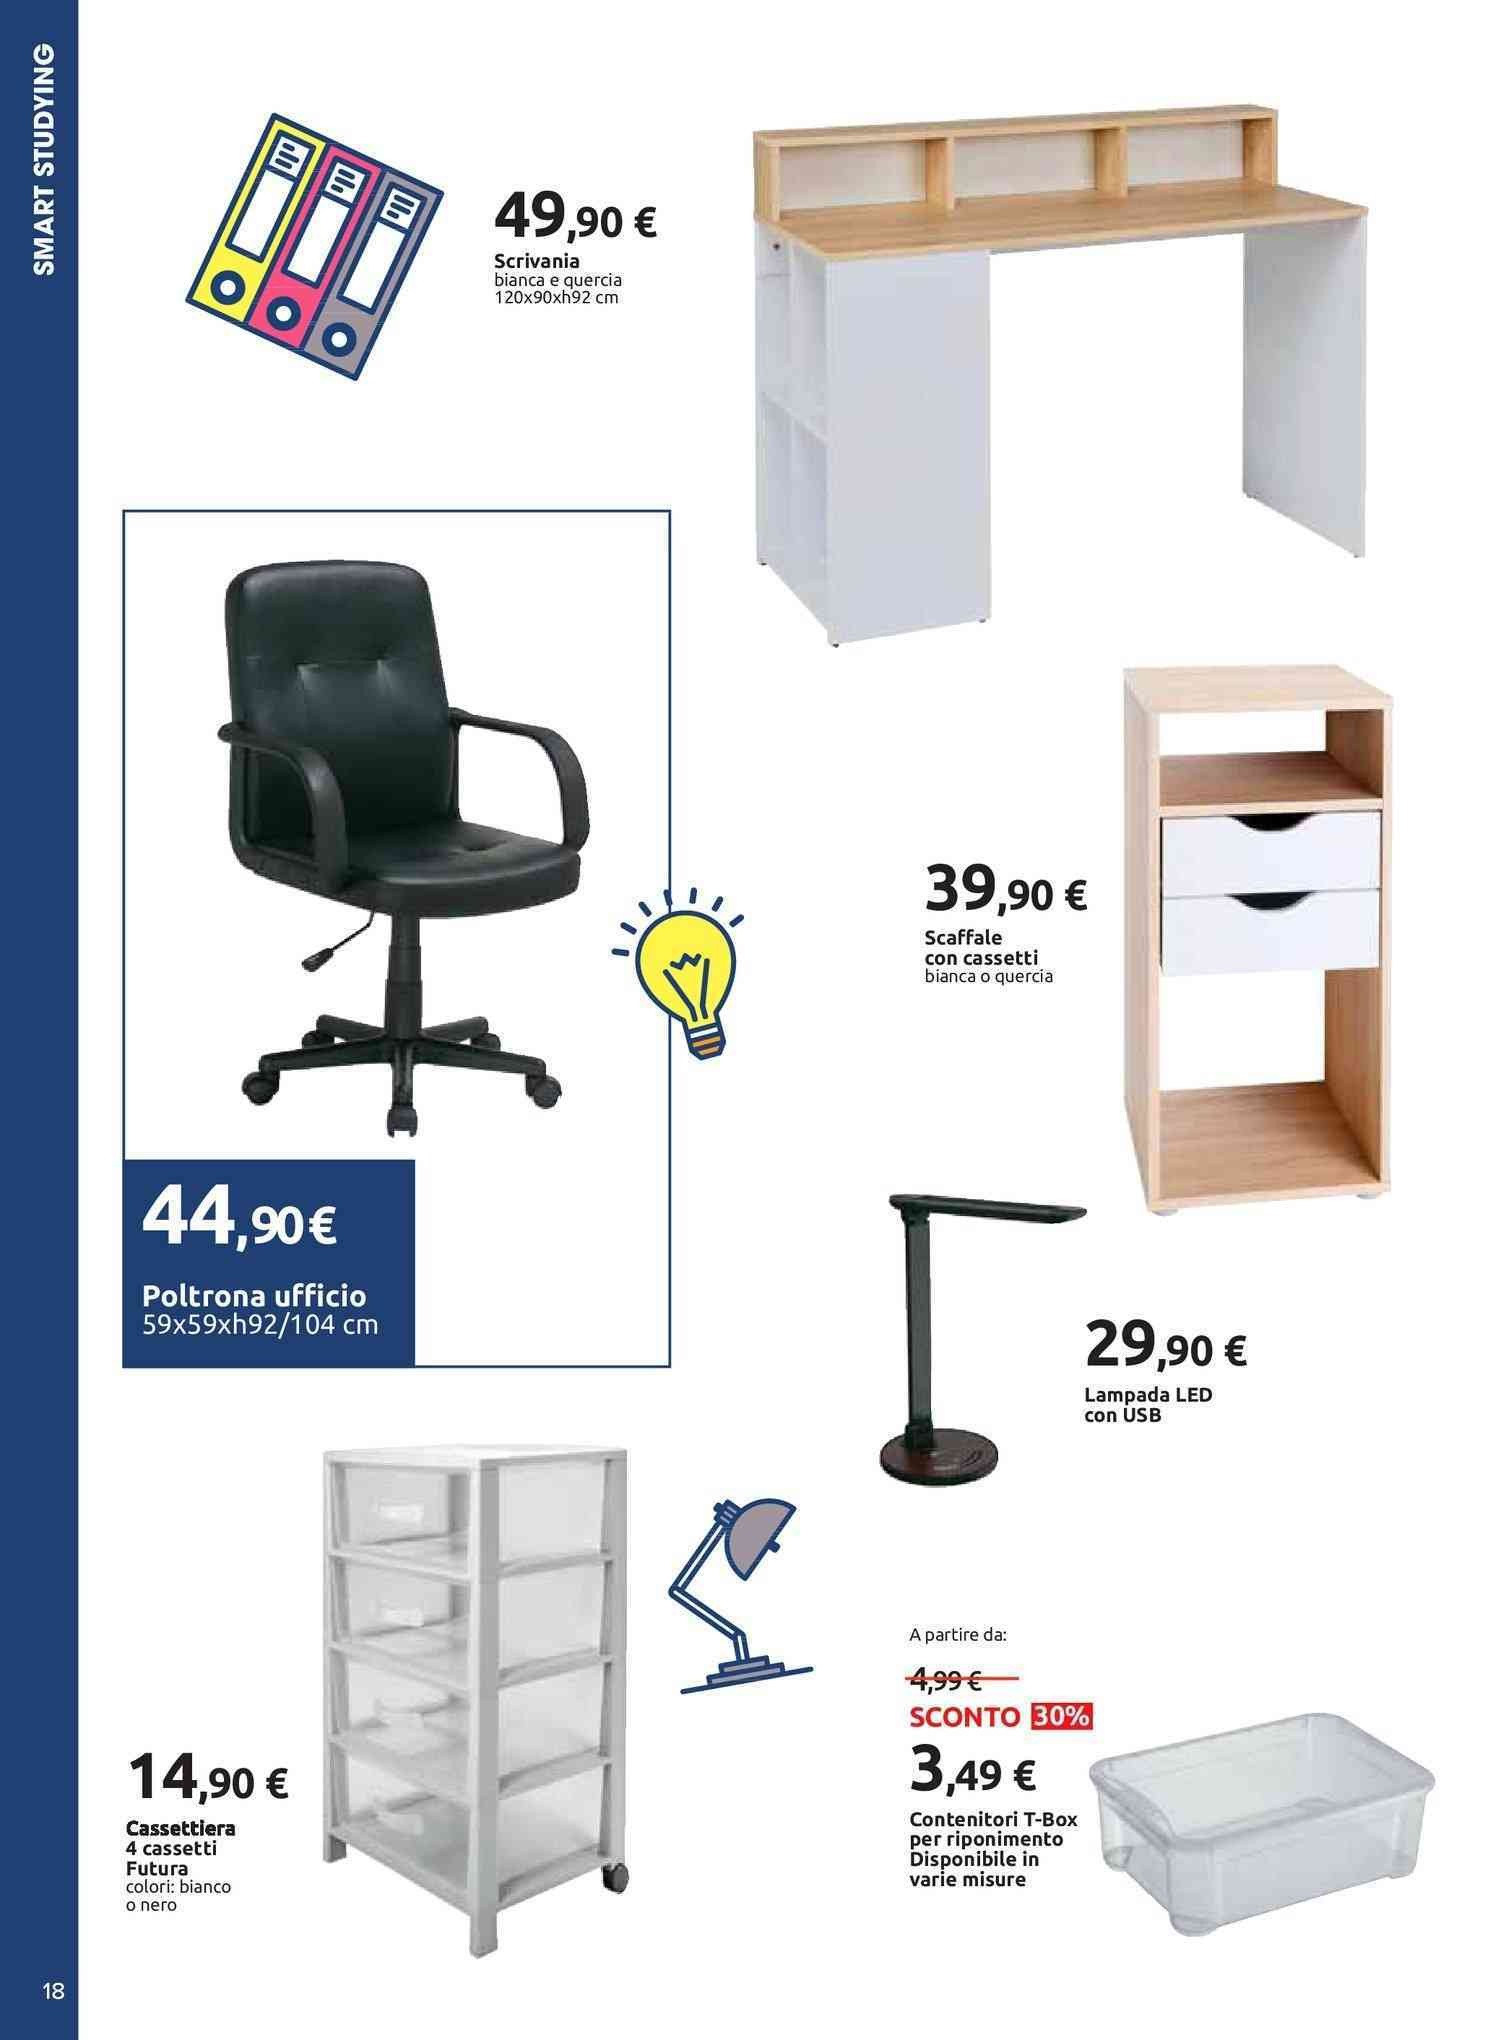 Offerte Poltrone ufficio, negozi per arredare casa - PromoQui